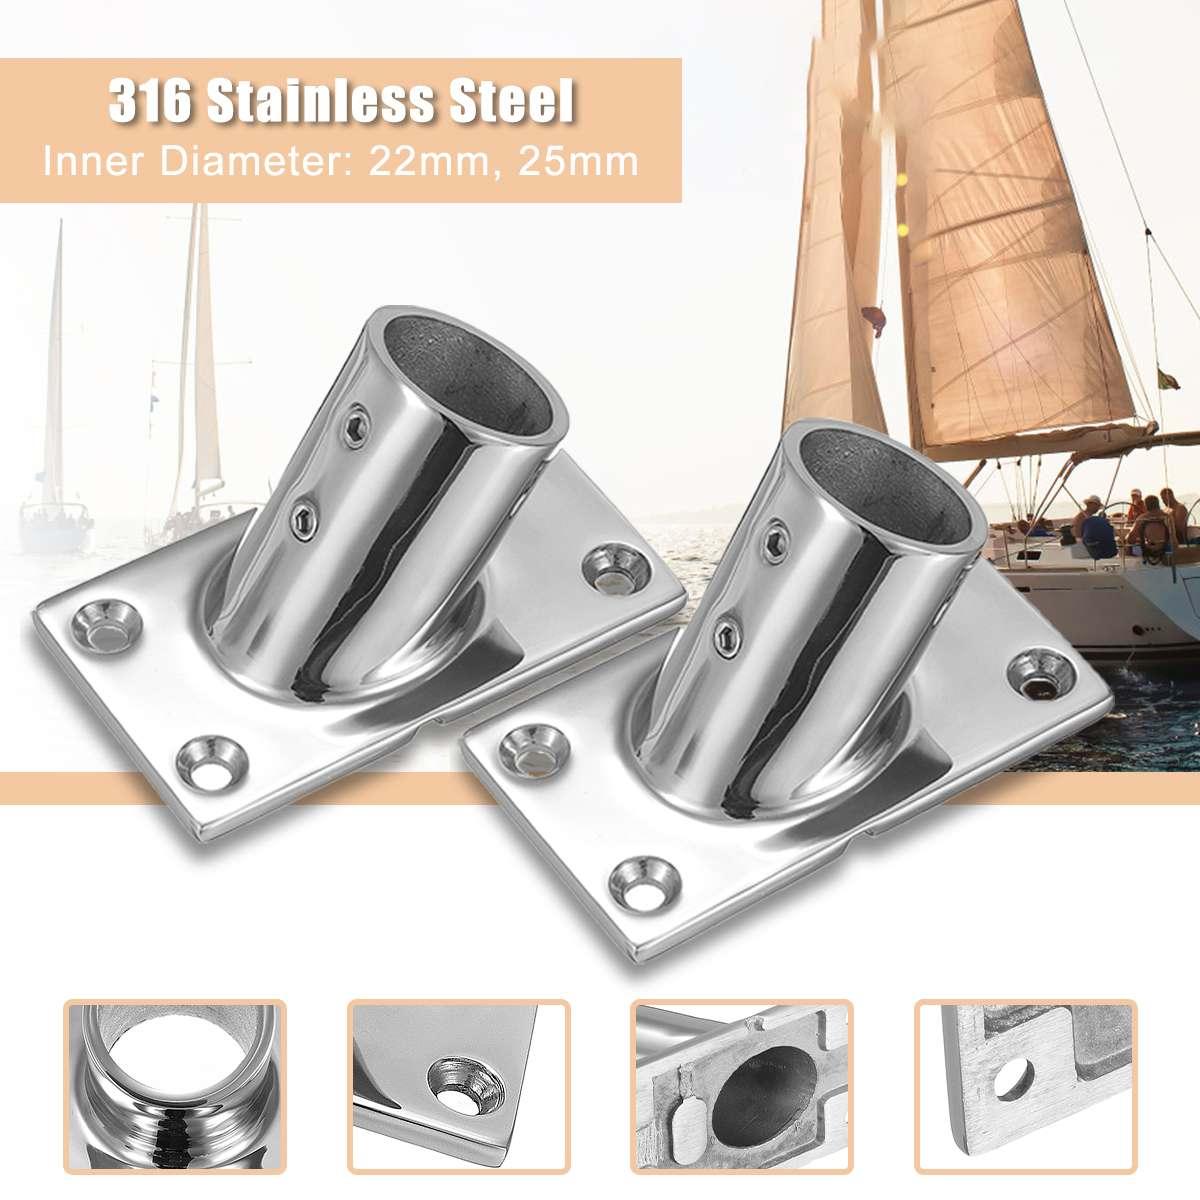 316 de aço inoxidável barco tubo tubo marinho 60 ° corrimão corrimão tubulação base montagem suporte 22mm/25mm reusável marinho ferragem